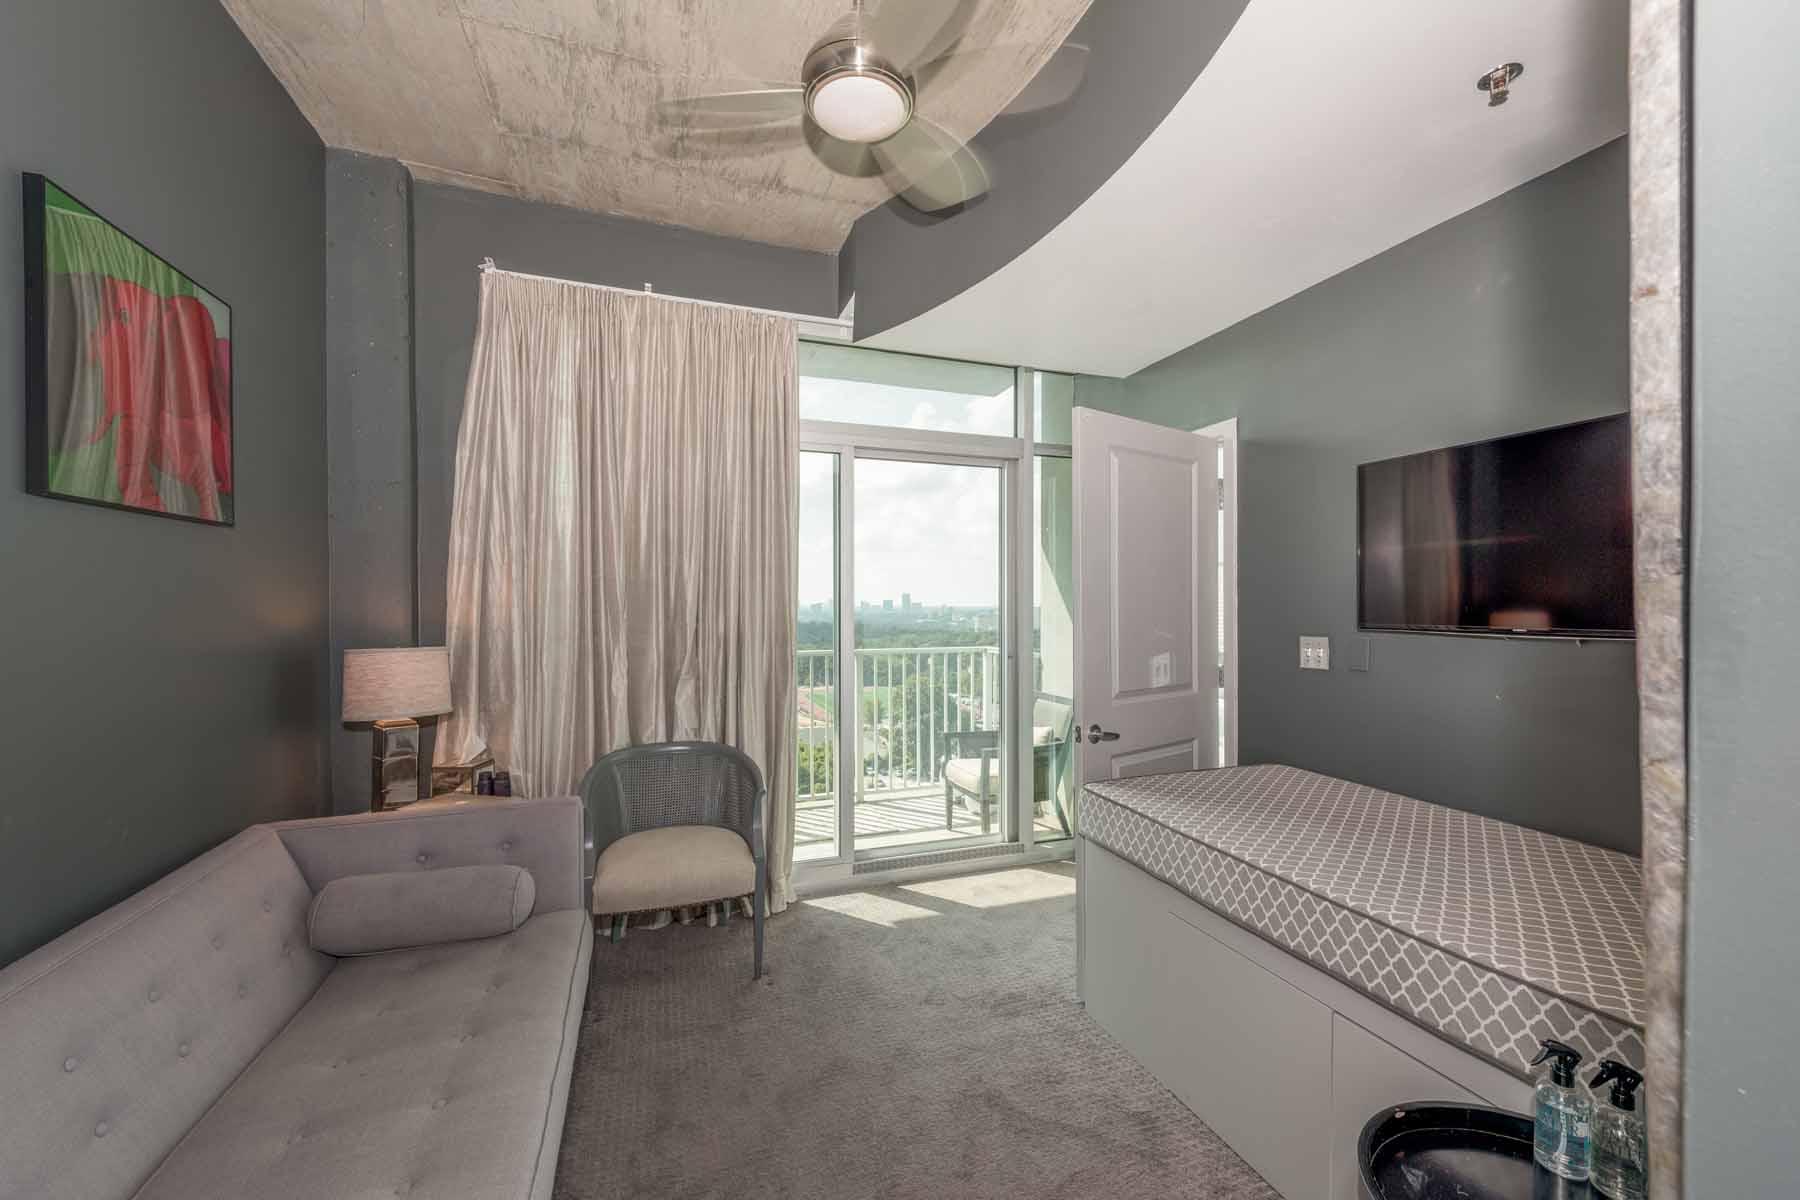 共管式独立产权公寓 为 销售 在 High-Rise Living at its Finest 250 Pharr Road No. 1317 亚特兰大, 乔治亚州, 30305 美国